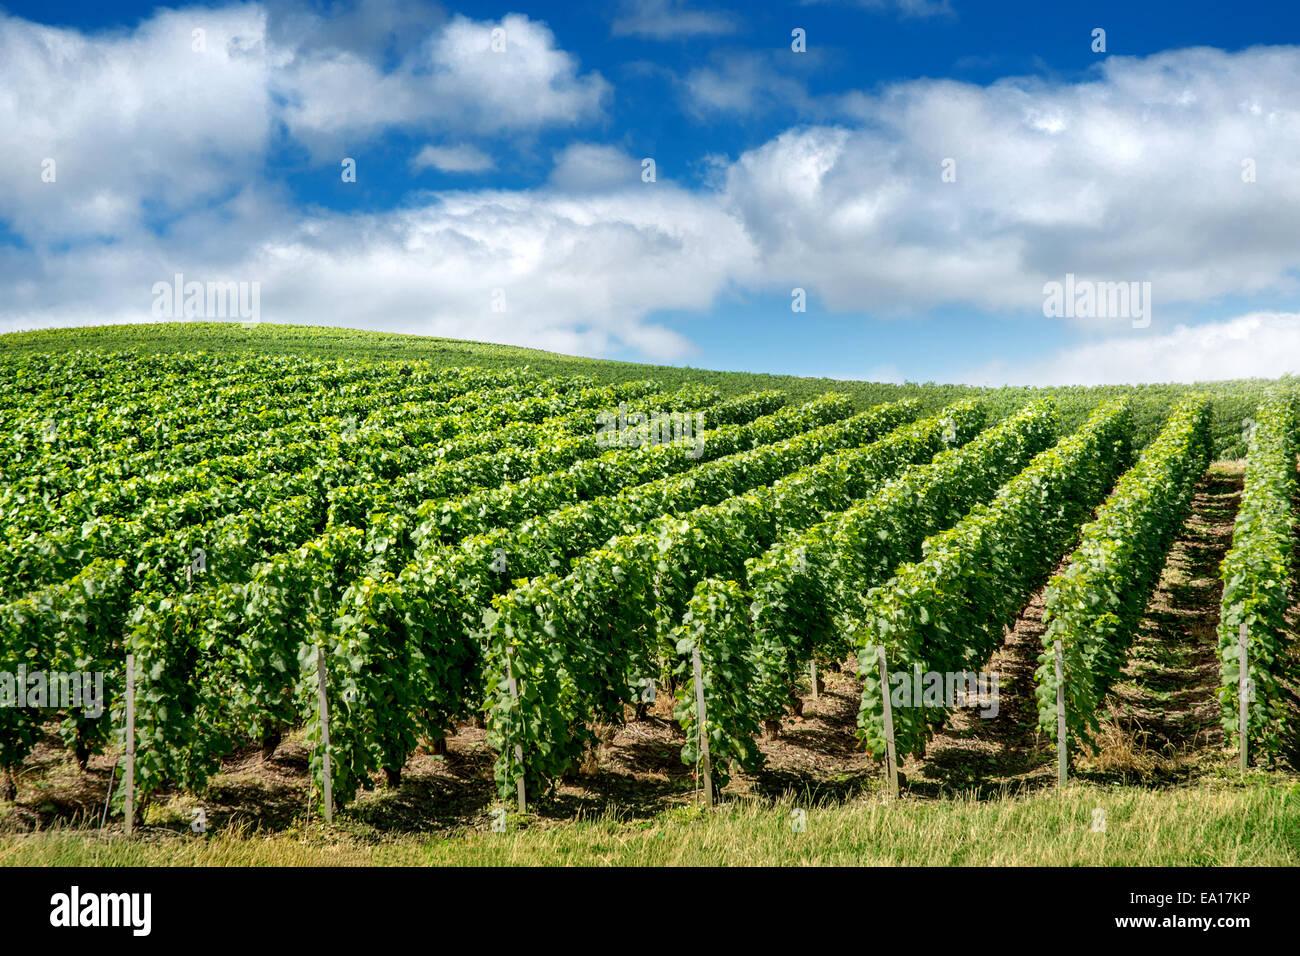 Paesaggio di vigneti, Montagne de Reims, Francia Immagini Stock